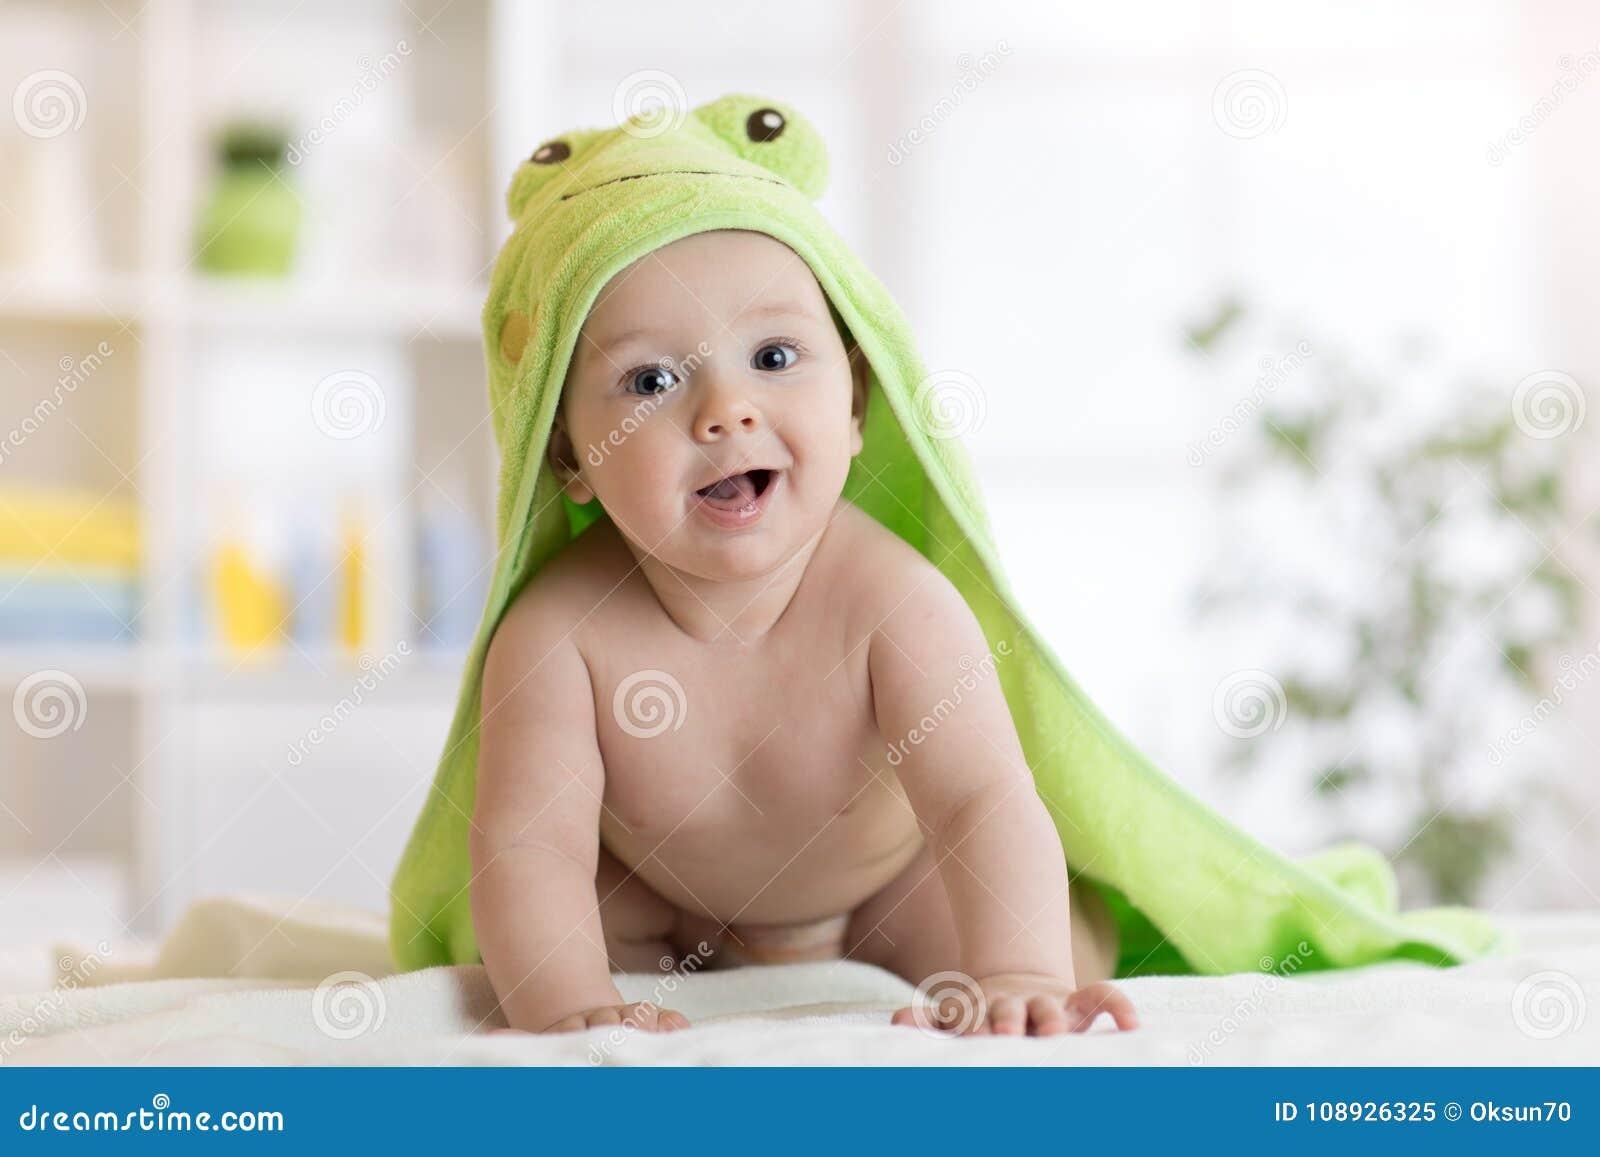 Αγοράκι που φορά την πράσινη πετσέτα στην ηλιόλουστη κρεβατοκάμαρα Νεογέννητη χαλάρωση παιδιών μετά από το λουτρό ή το ντους